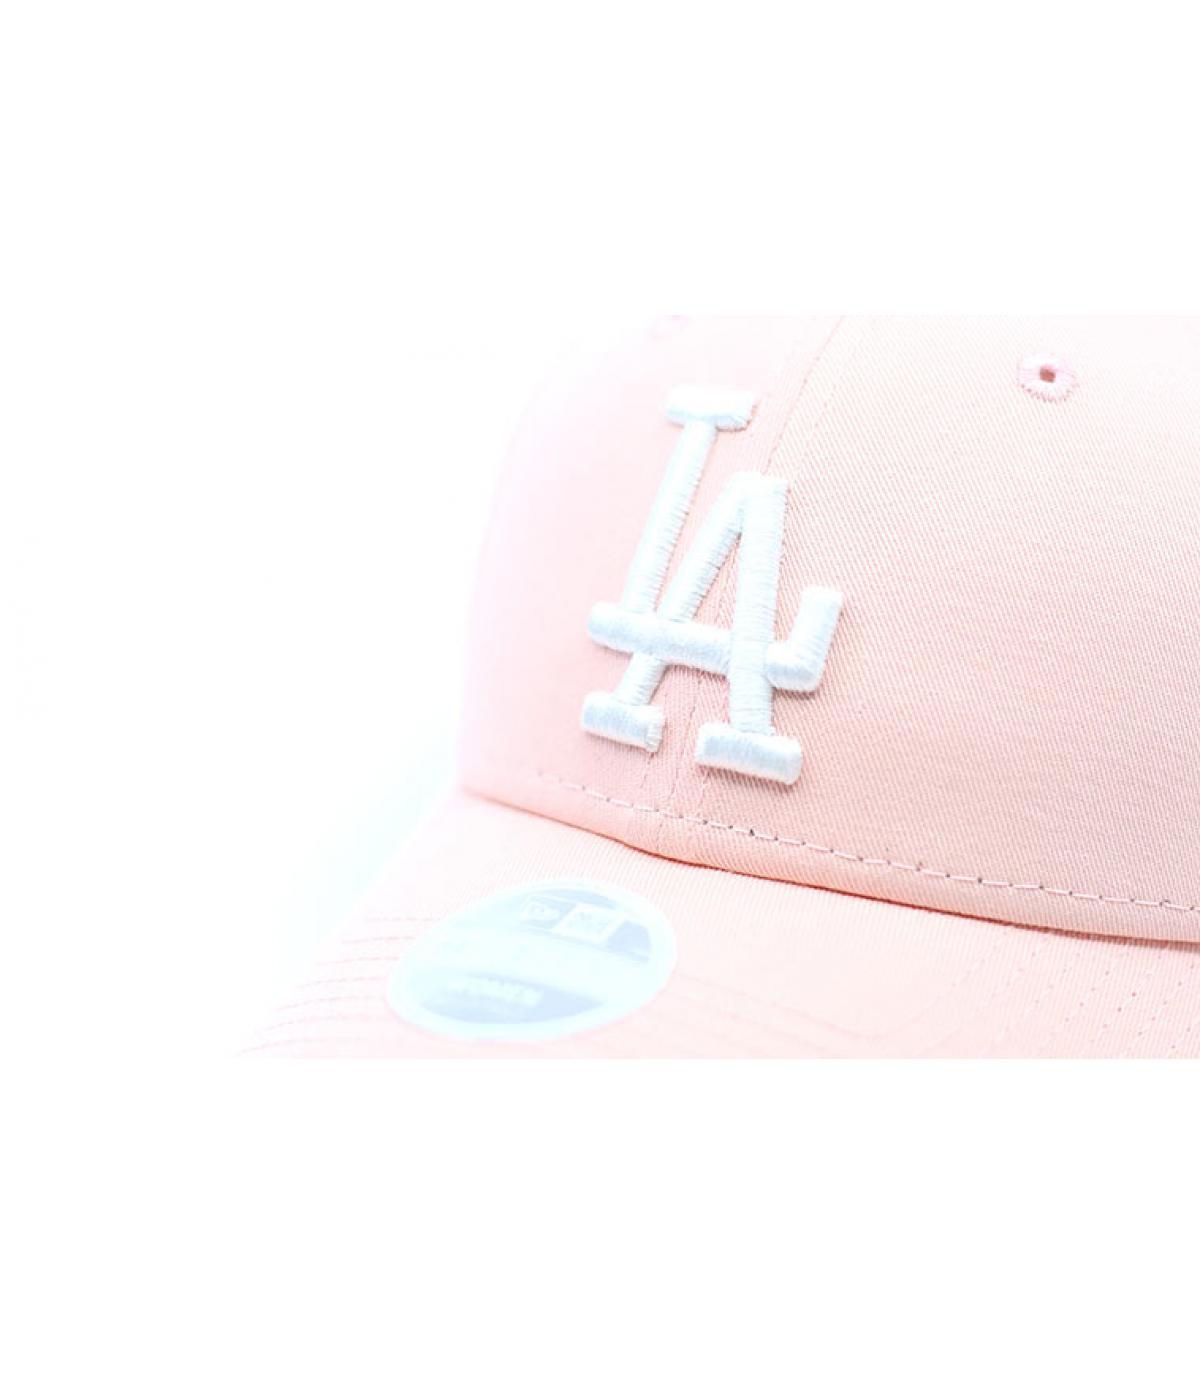 Dettagli Wmns League Ess LA 9Forty pink - image 3